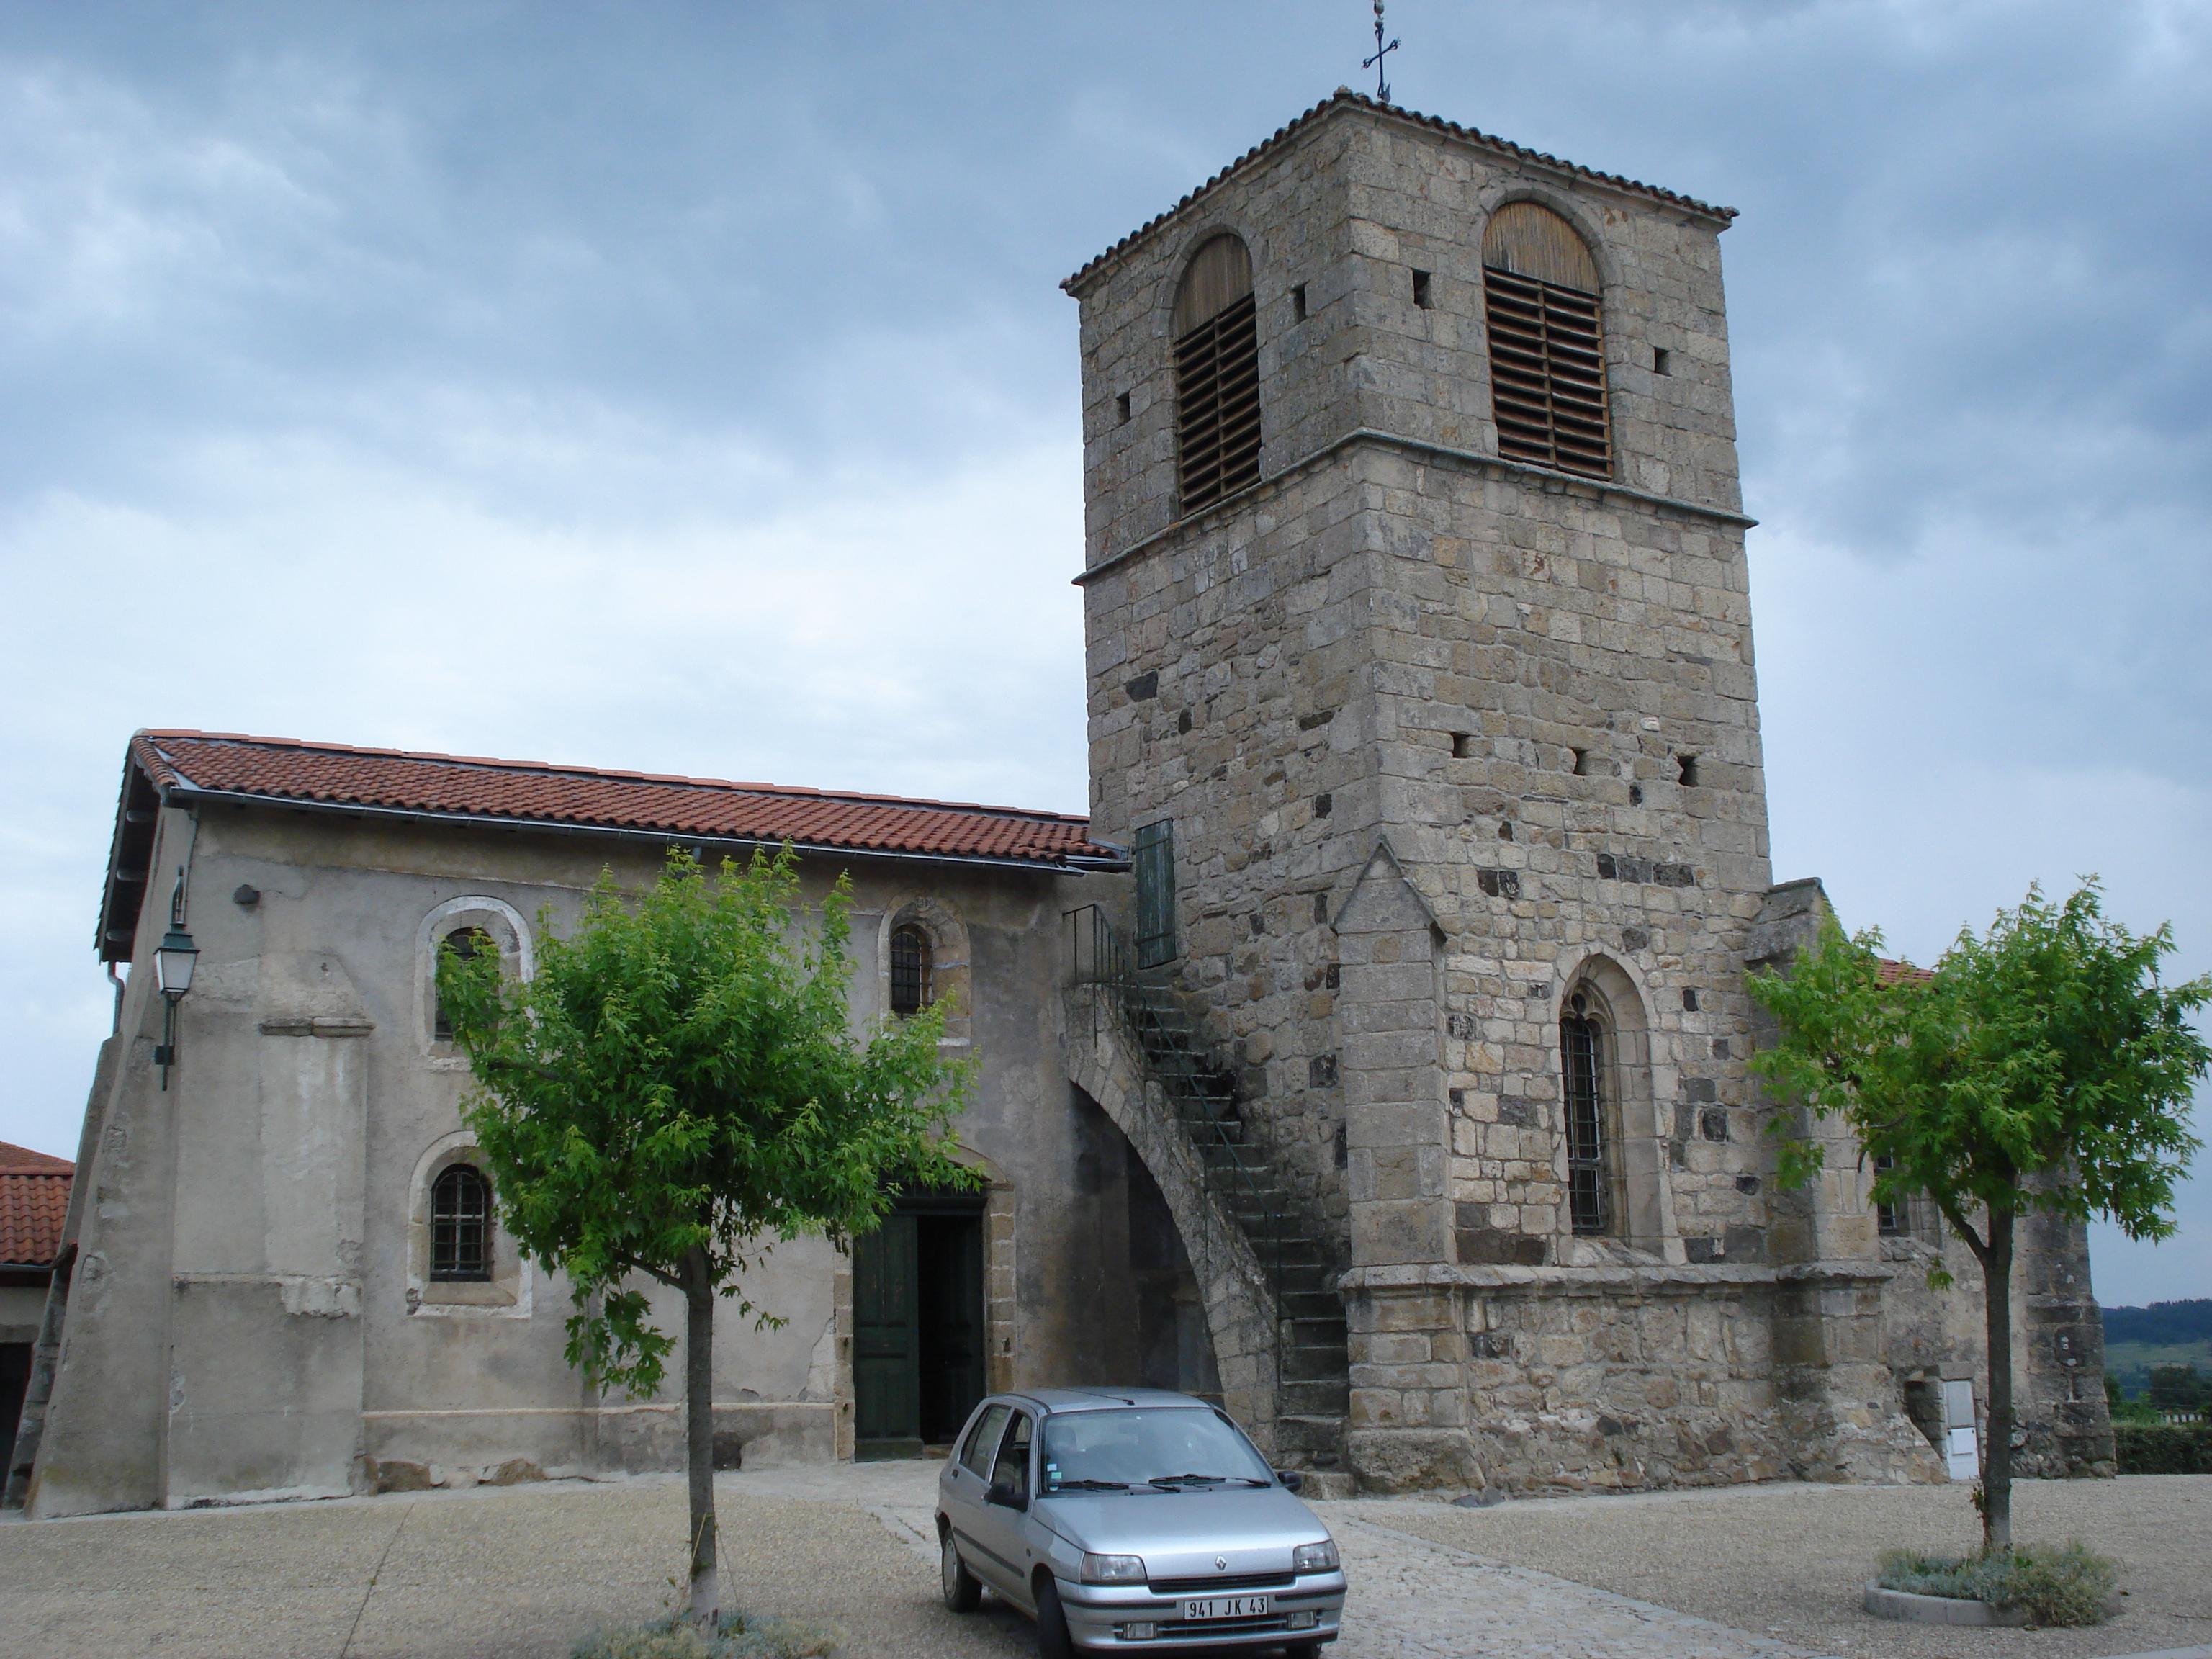 Saint-André-de-Chalencon